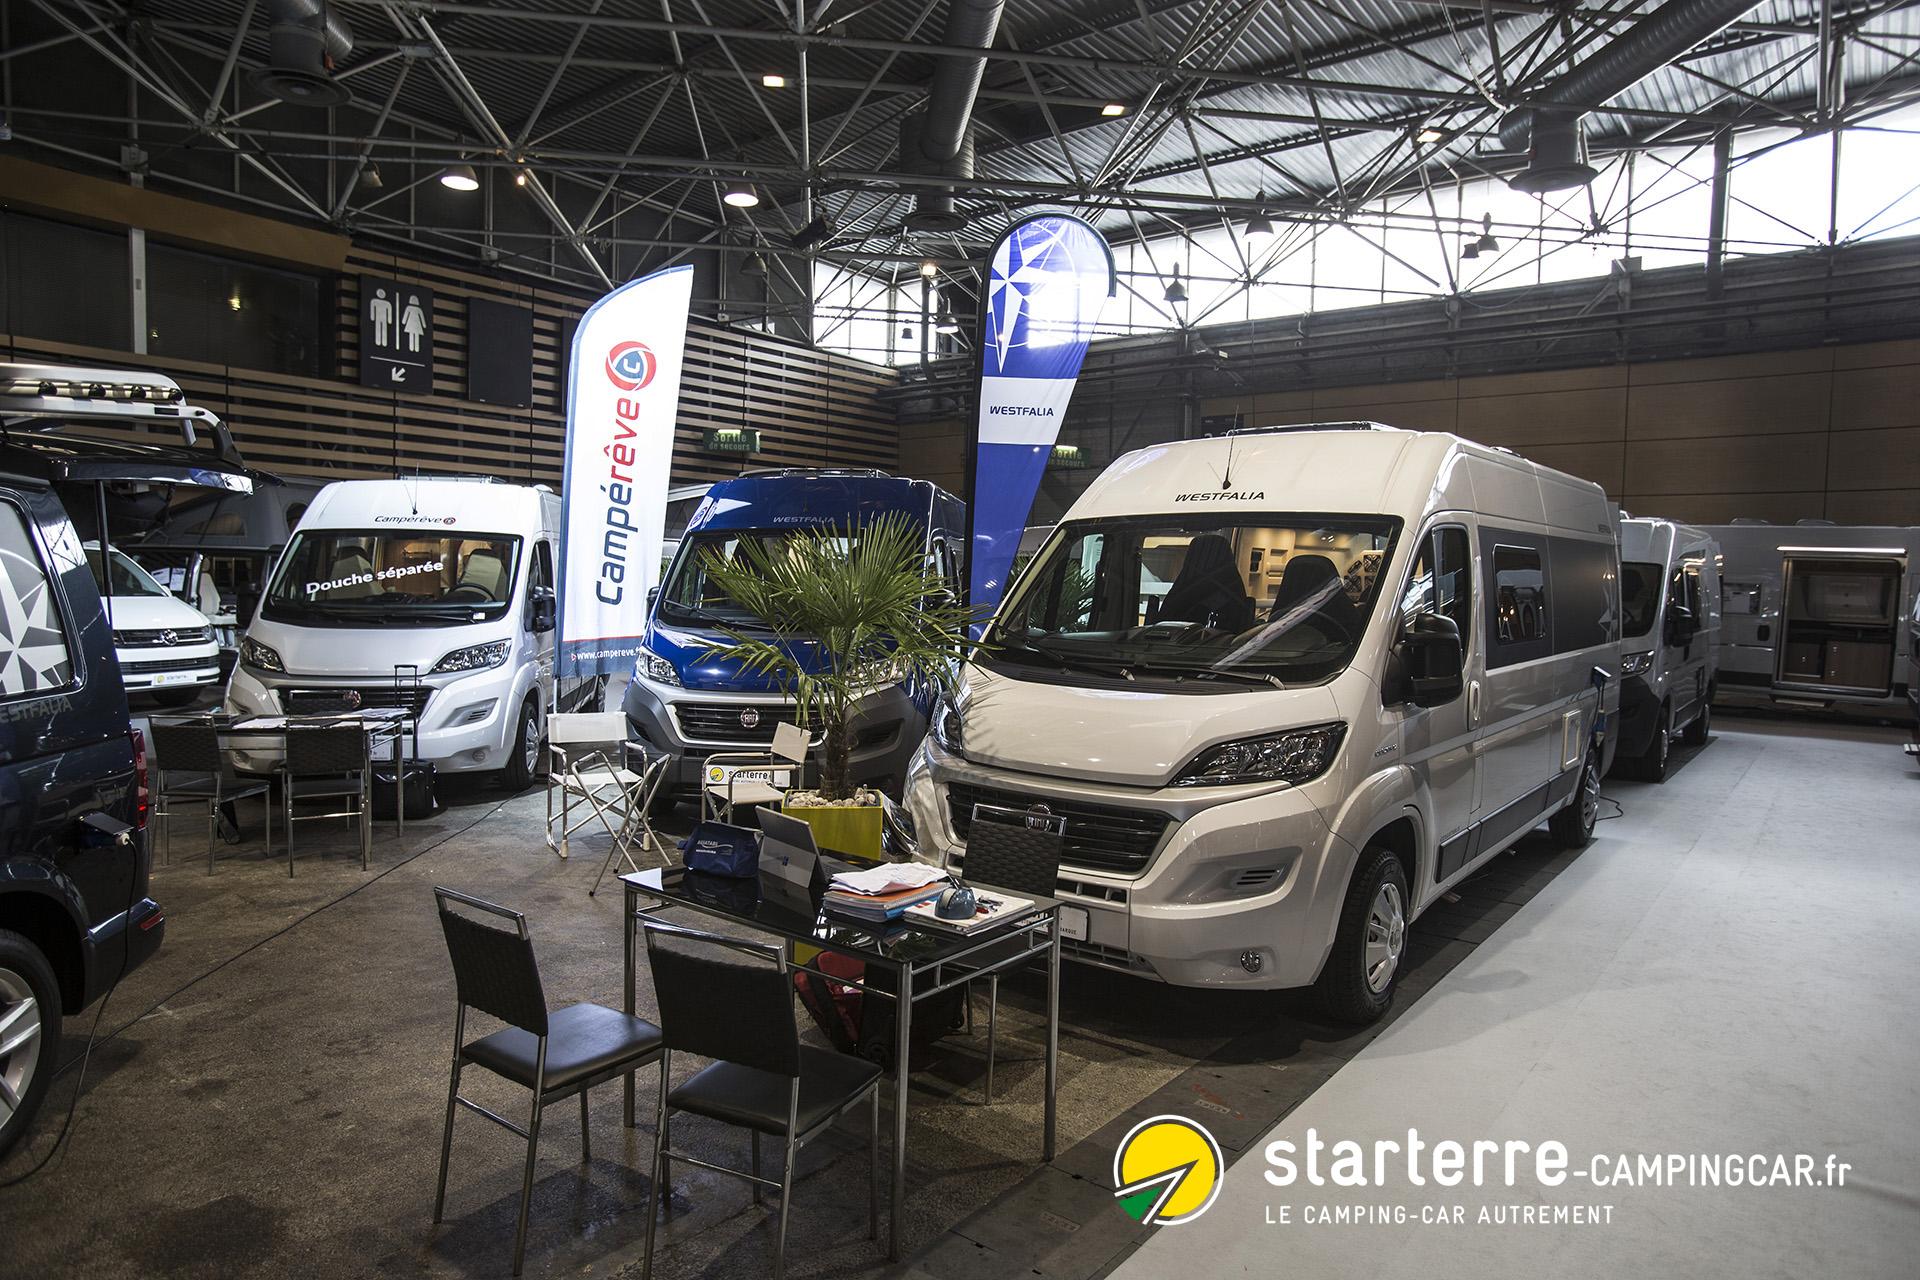 Salon du camping car de lyon 2017 nouveaut s 2018 actu for Salon de l automobile 2017 lyon